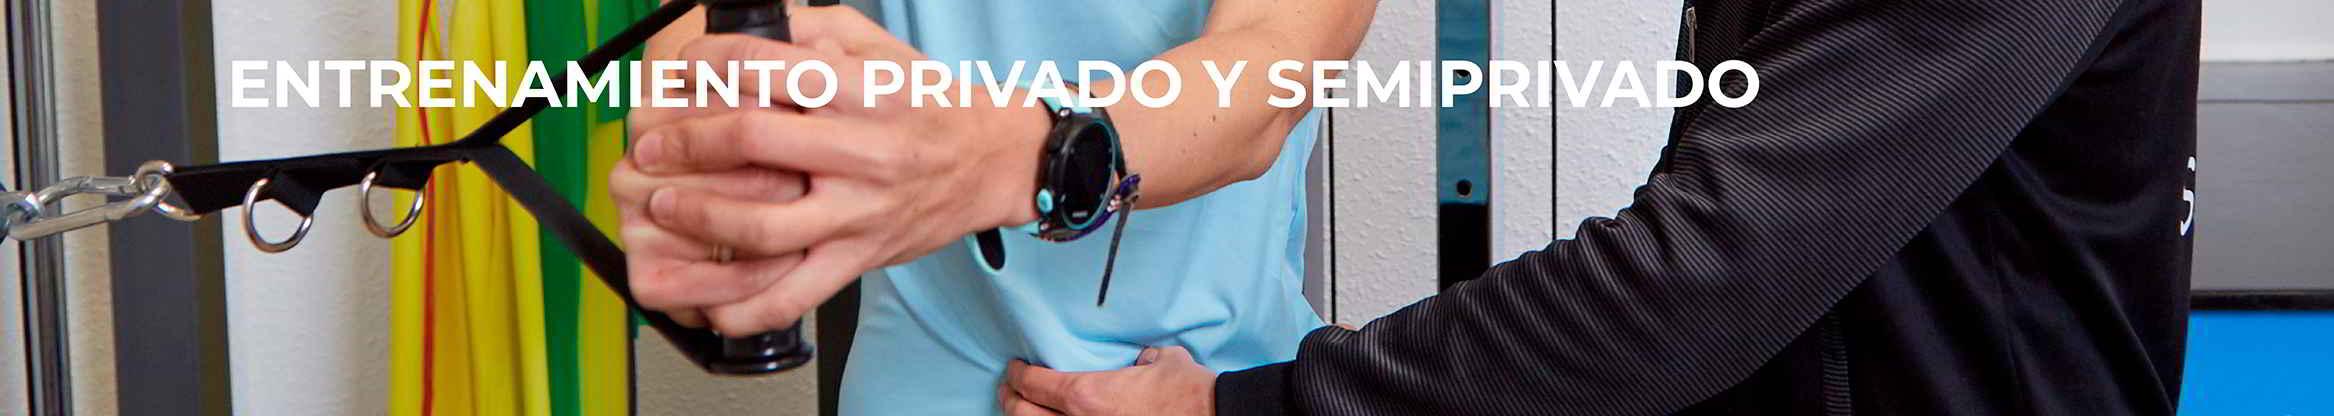 Slider-Entrenamiento-Privado-Semiprivado-Sanus-Vitae-Valencia